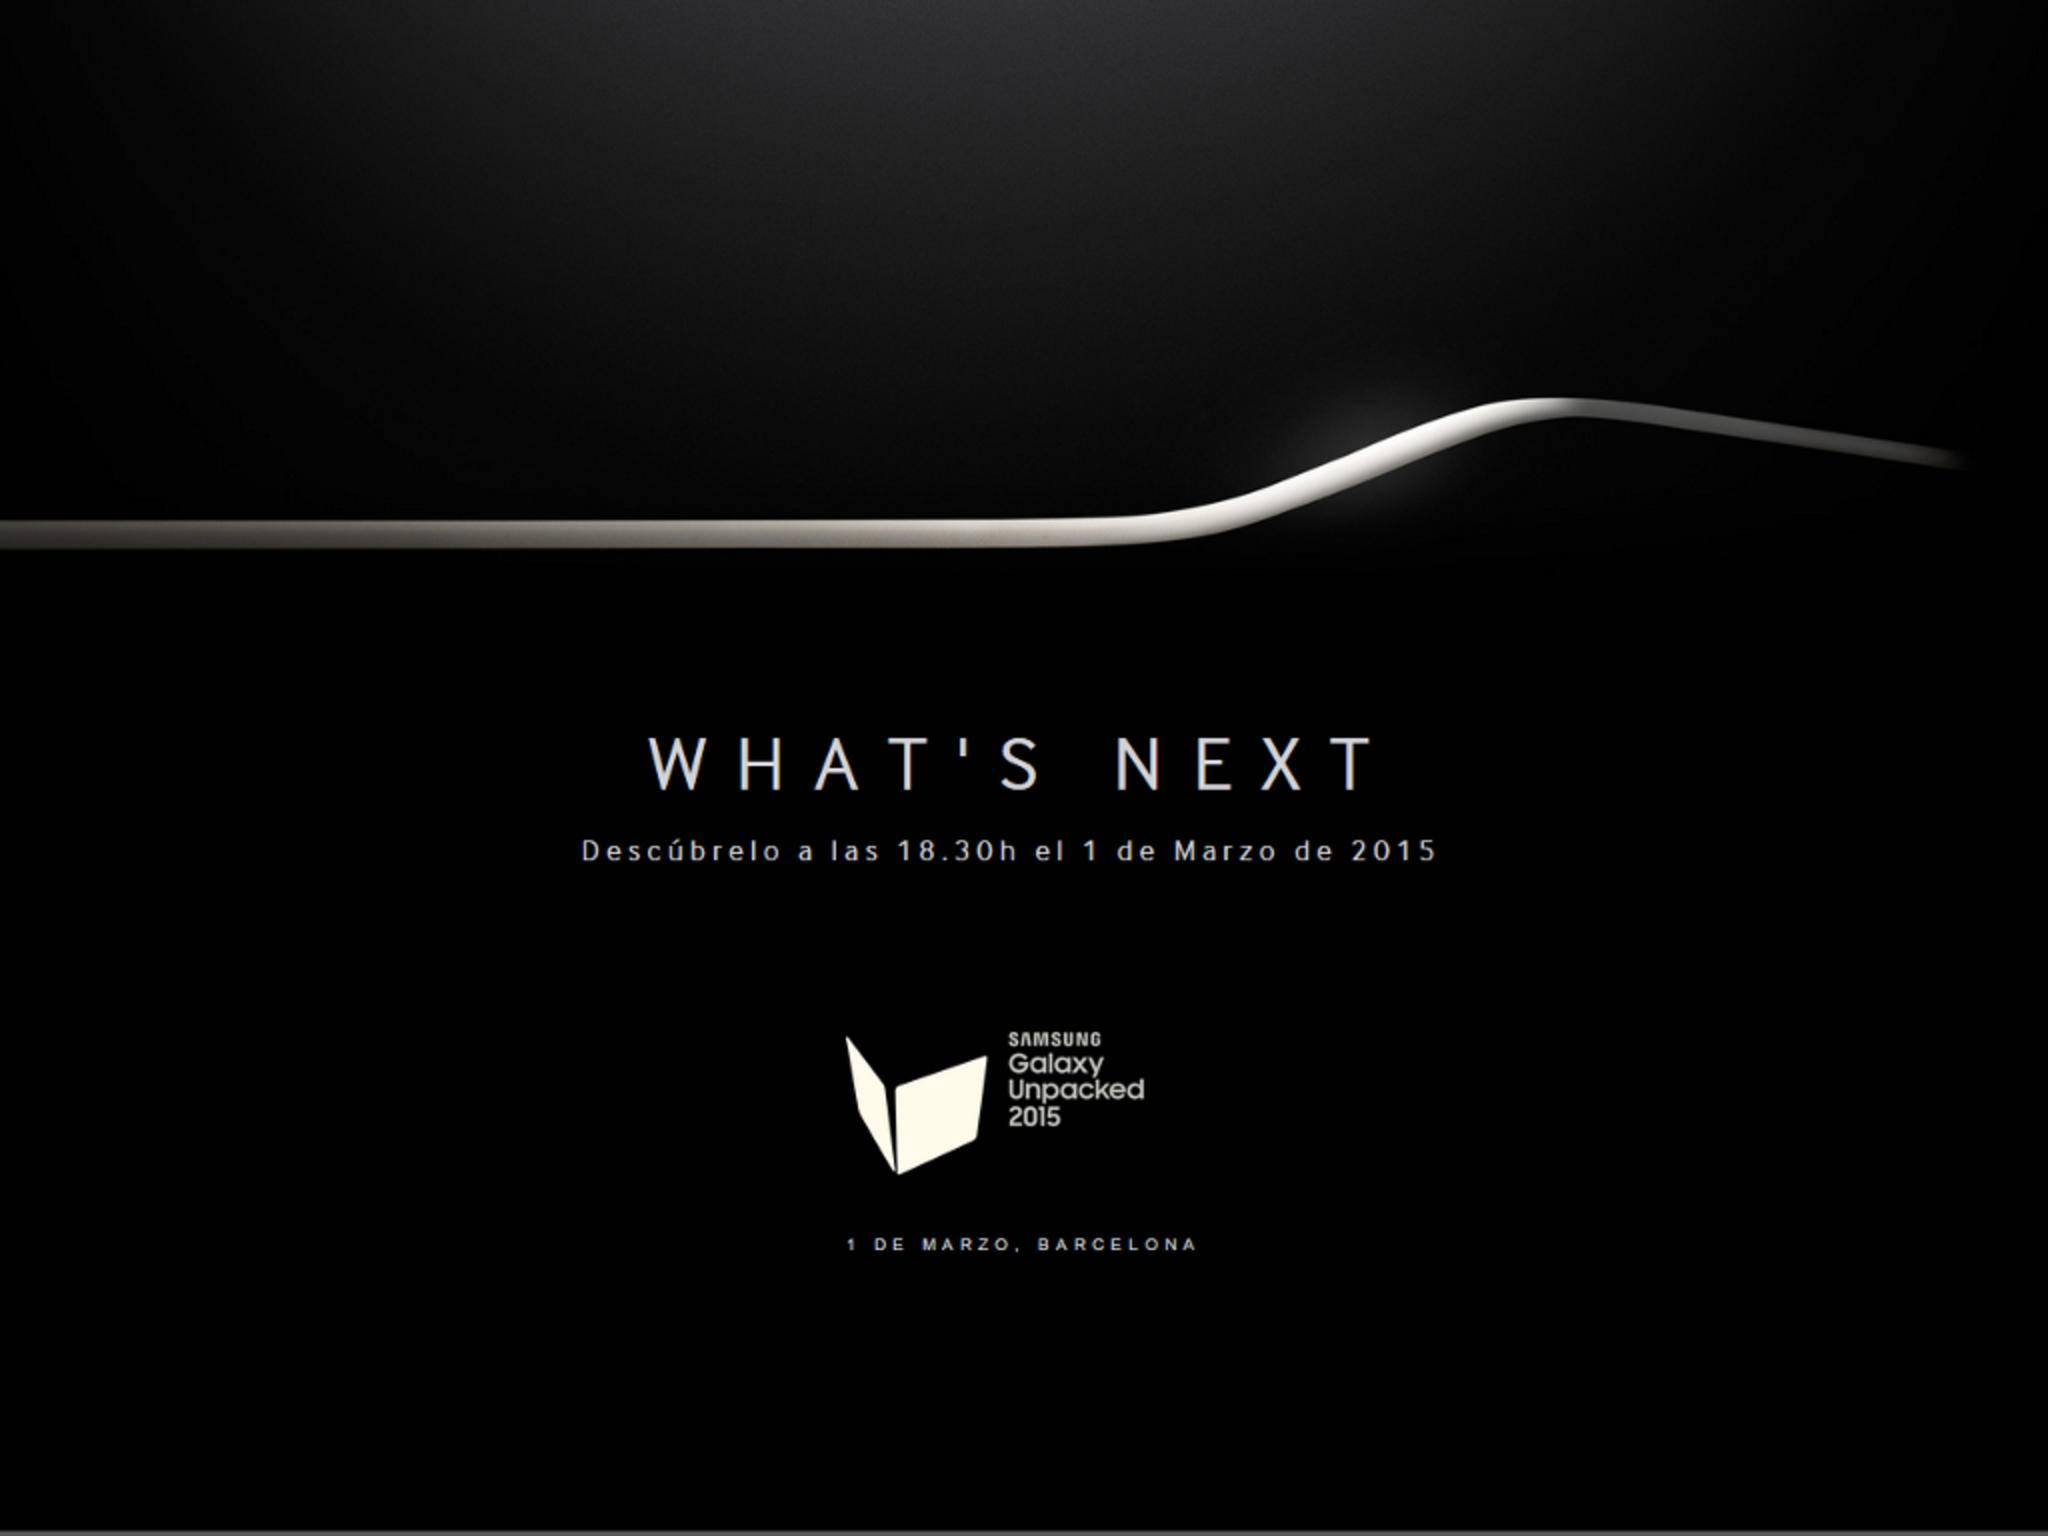 Samsung Unpacked 2015 startet am 1. März um 18:30 Uhr.